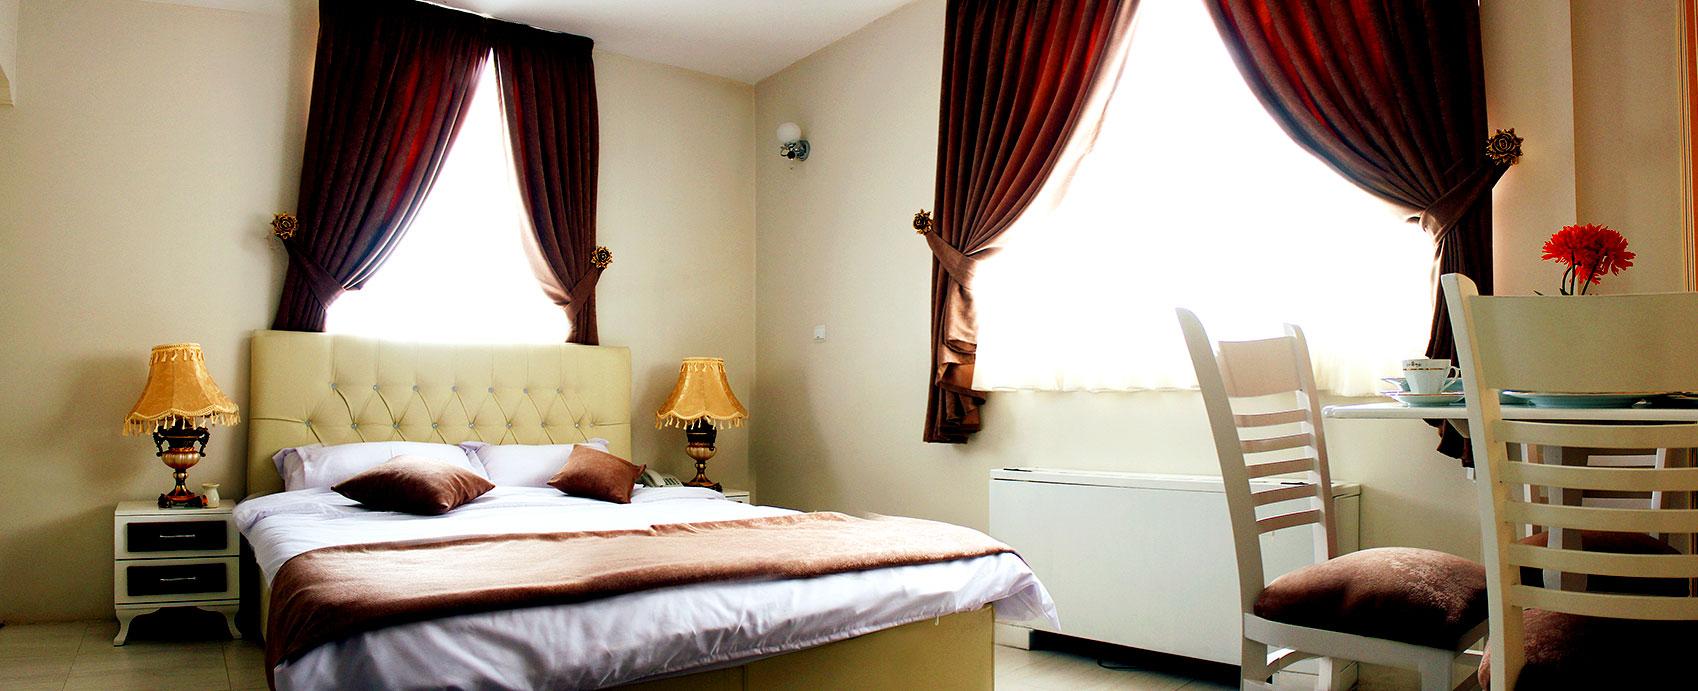 هتل سعدی مشهد | هتل آپارتمان